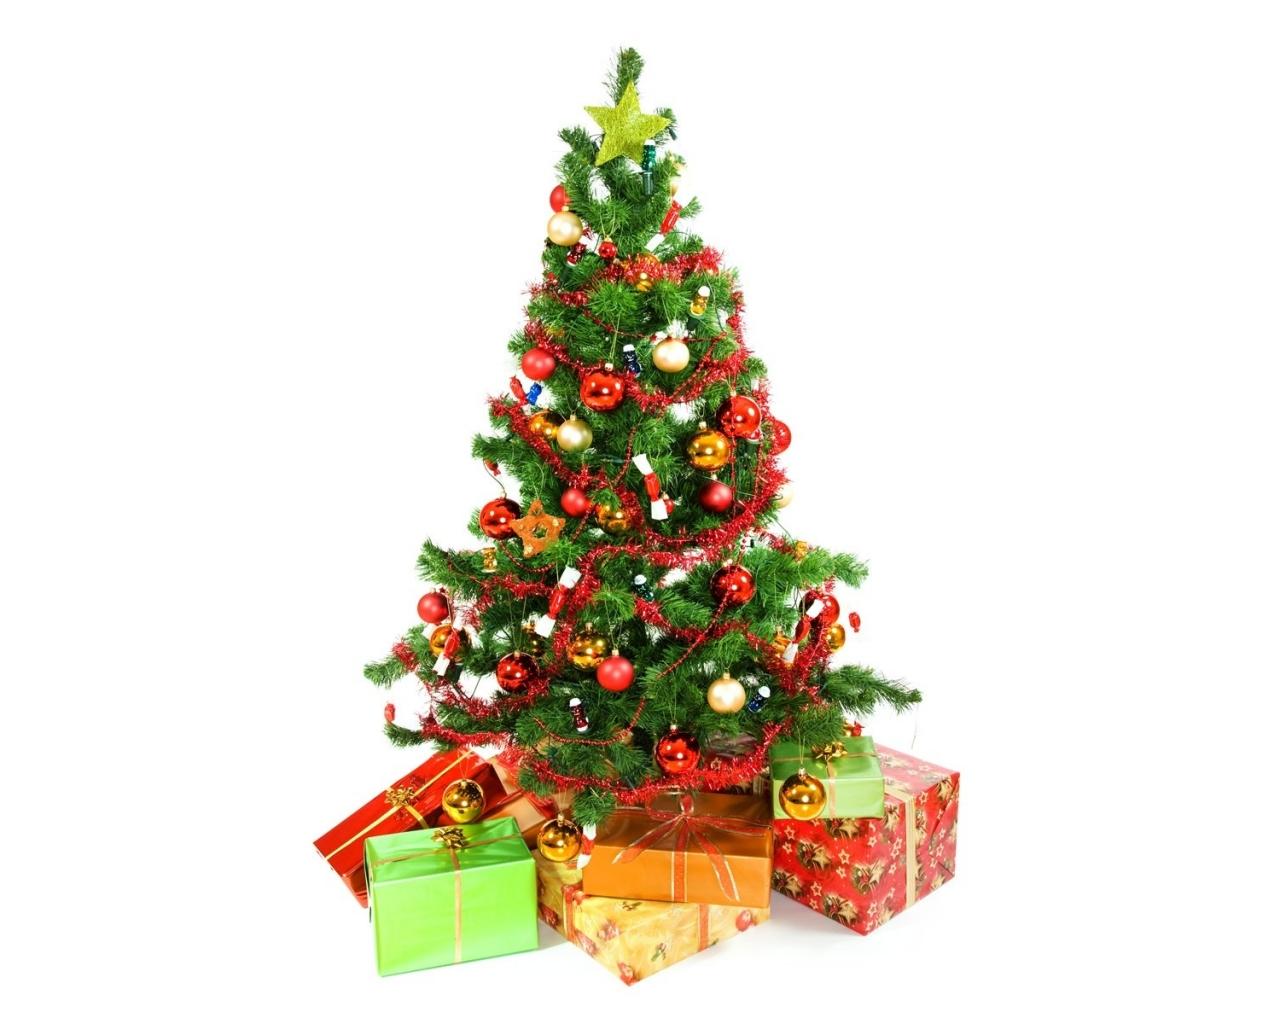 Dise o de arbol de navidad hd 1280x1024 imagenes - Disenos de arboles de navidad ...